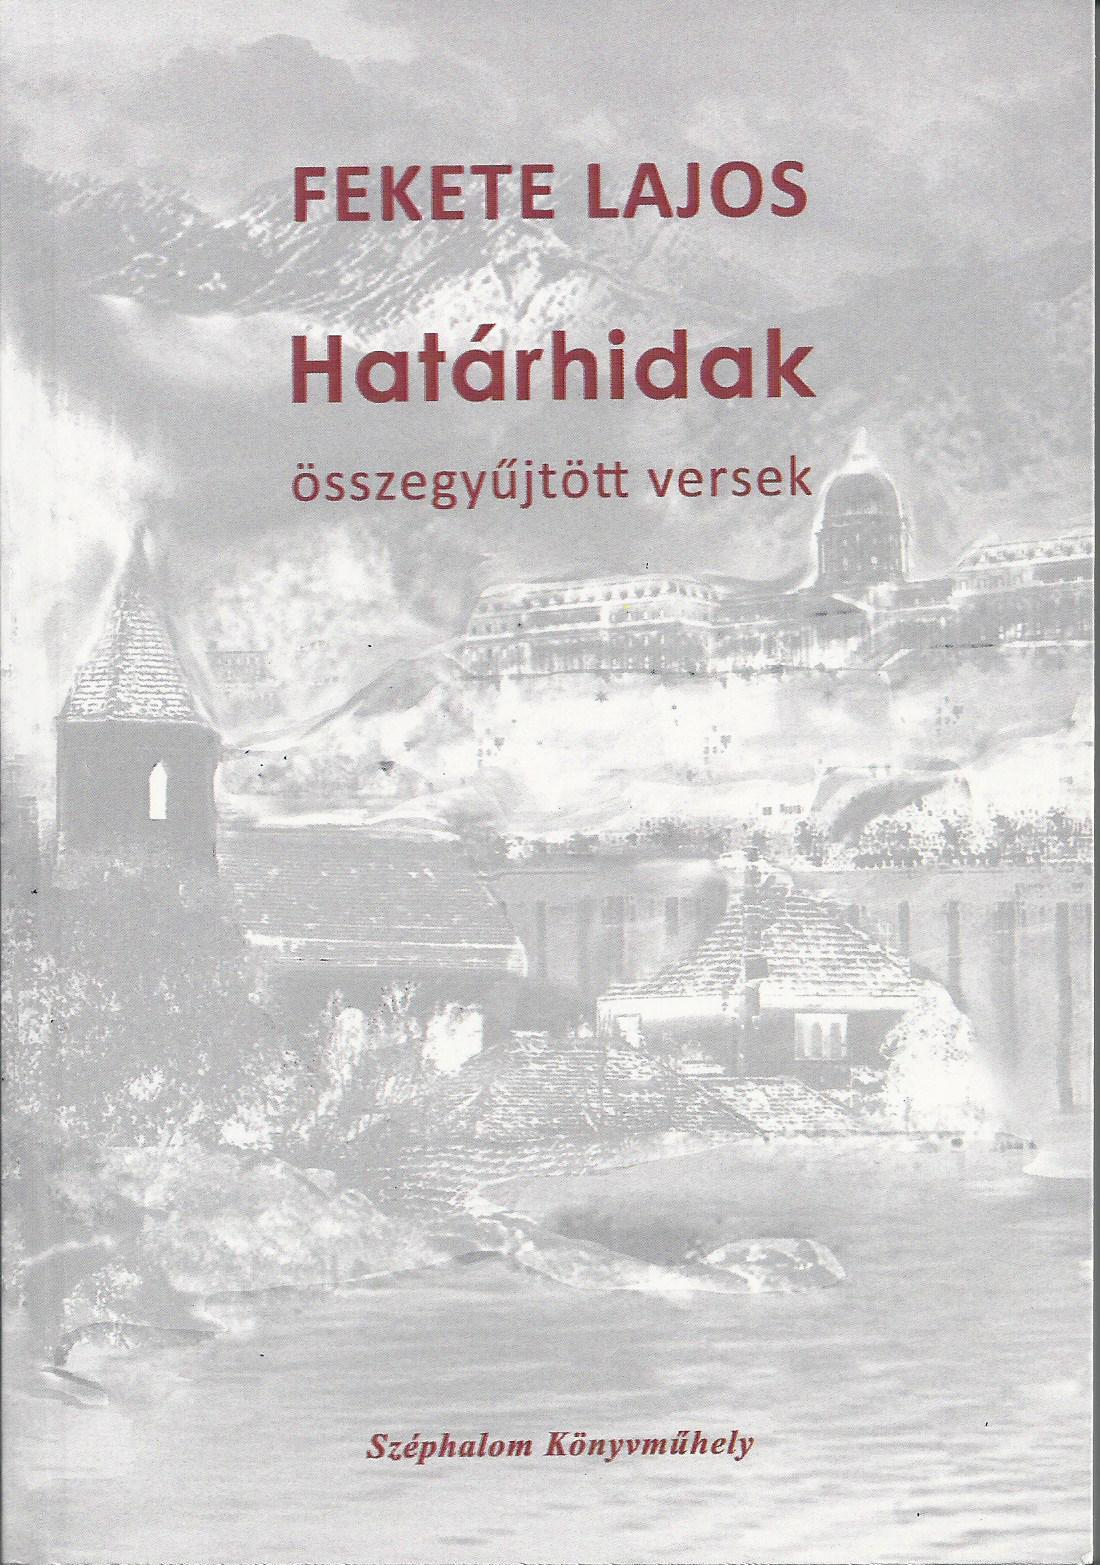 HATÁRHIDAK - ÖSSZEGYŰJTÖTT VERSEK